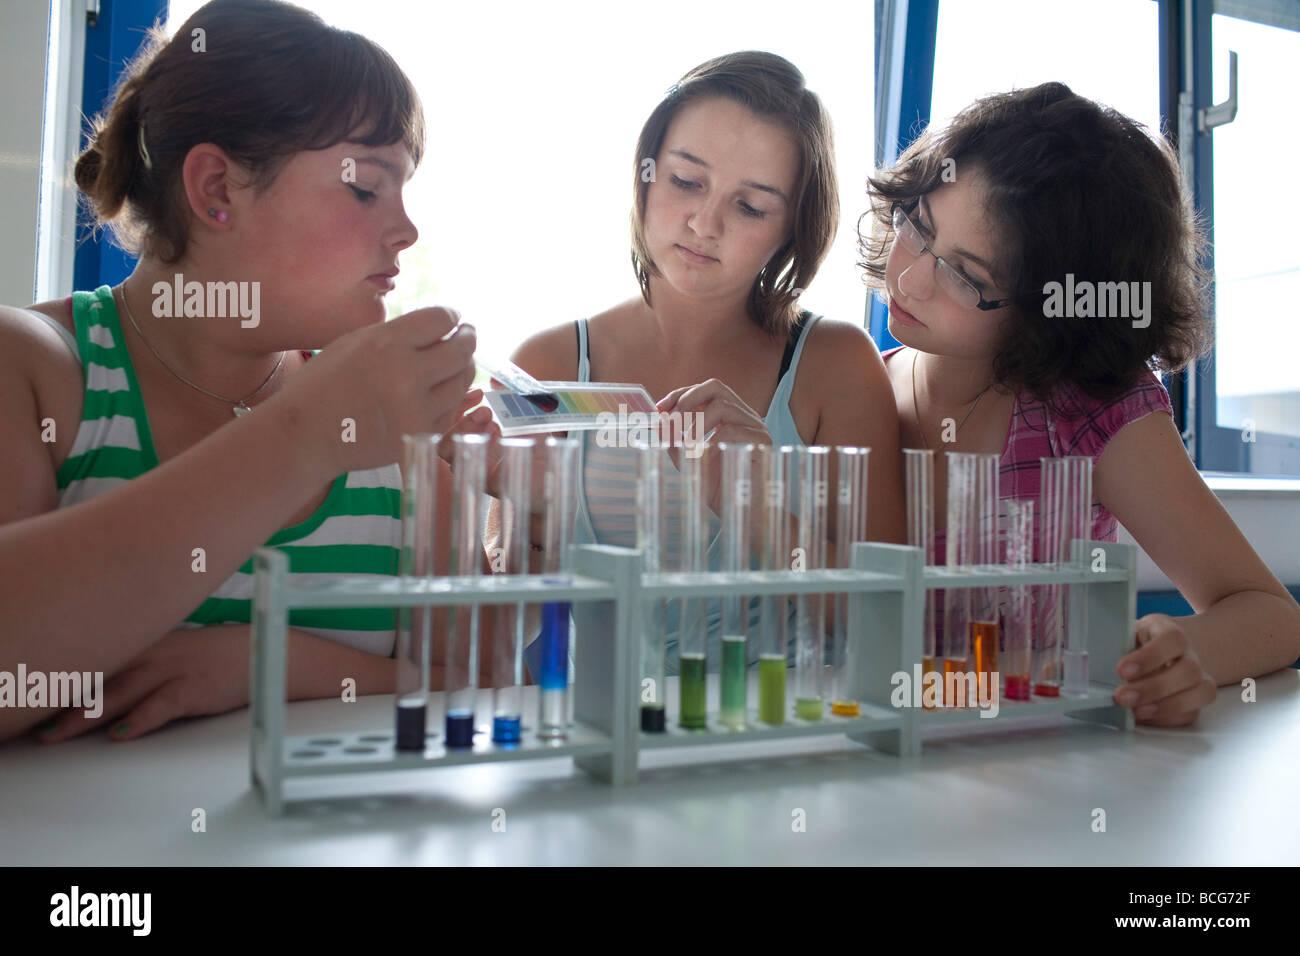 Clases de química en la escuela Imagen De Stock